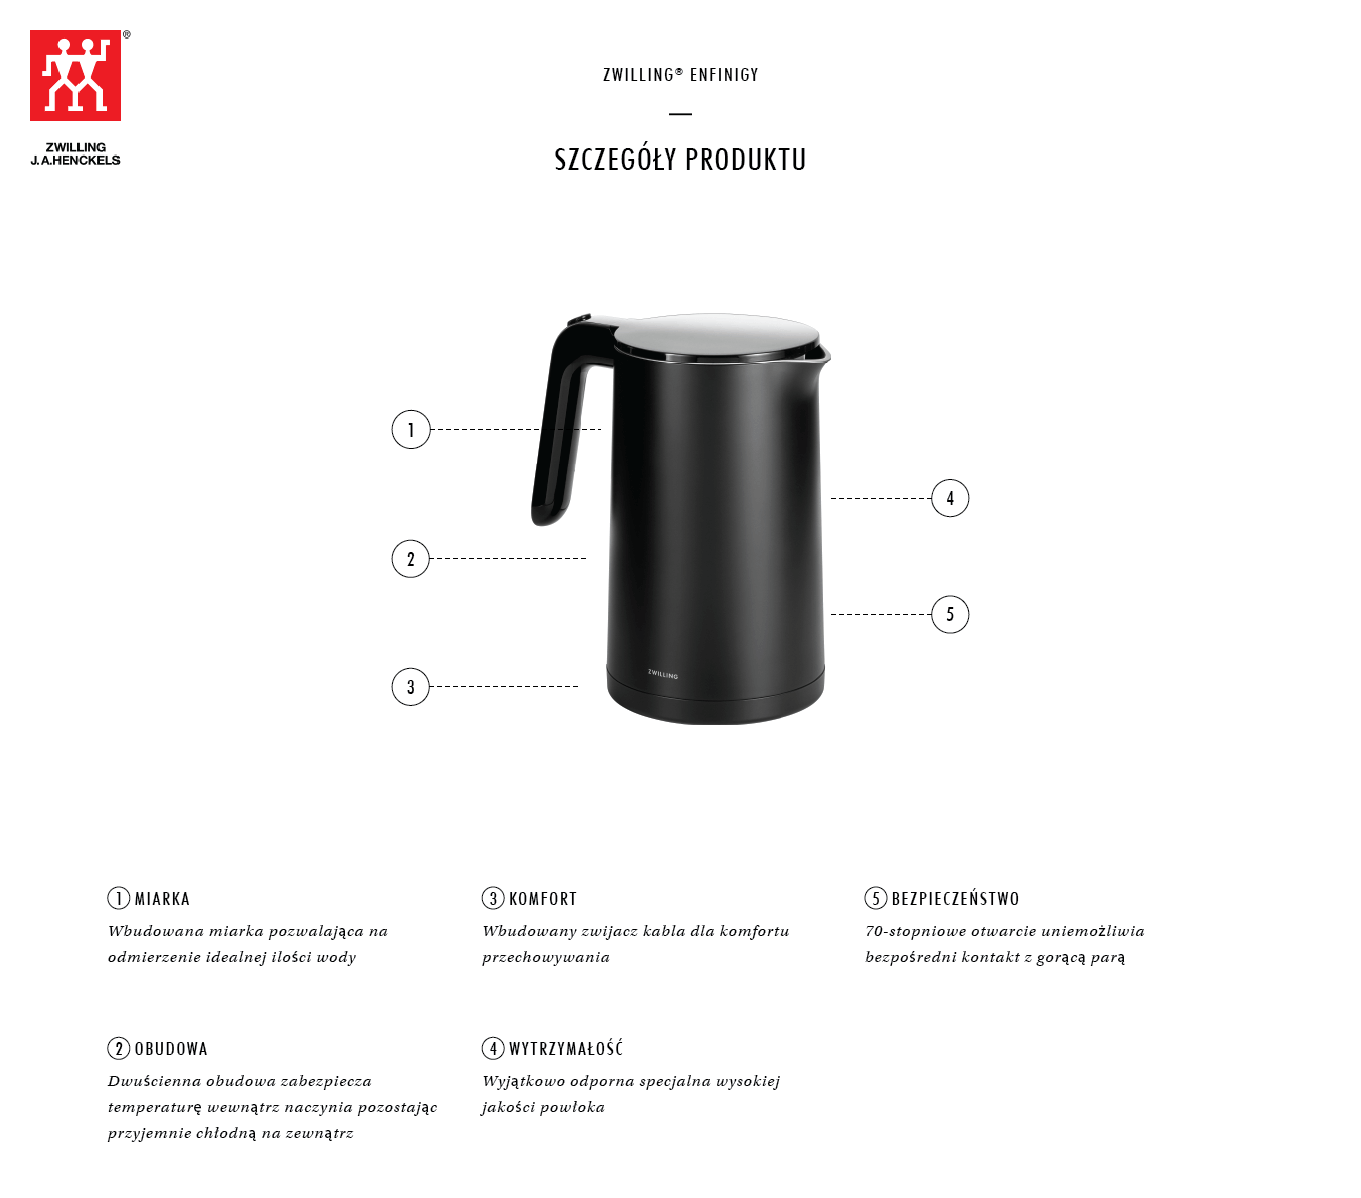 Dlaczego warto kupić czajnik elektryczny Zwilling Enfinigy?